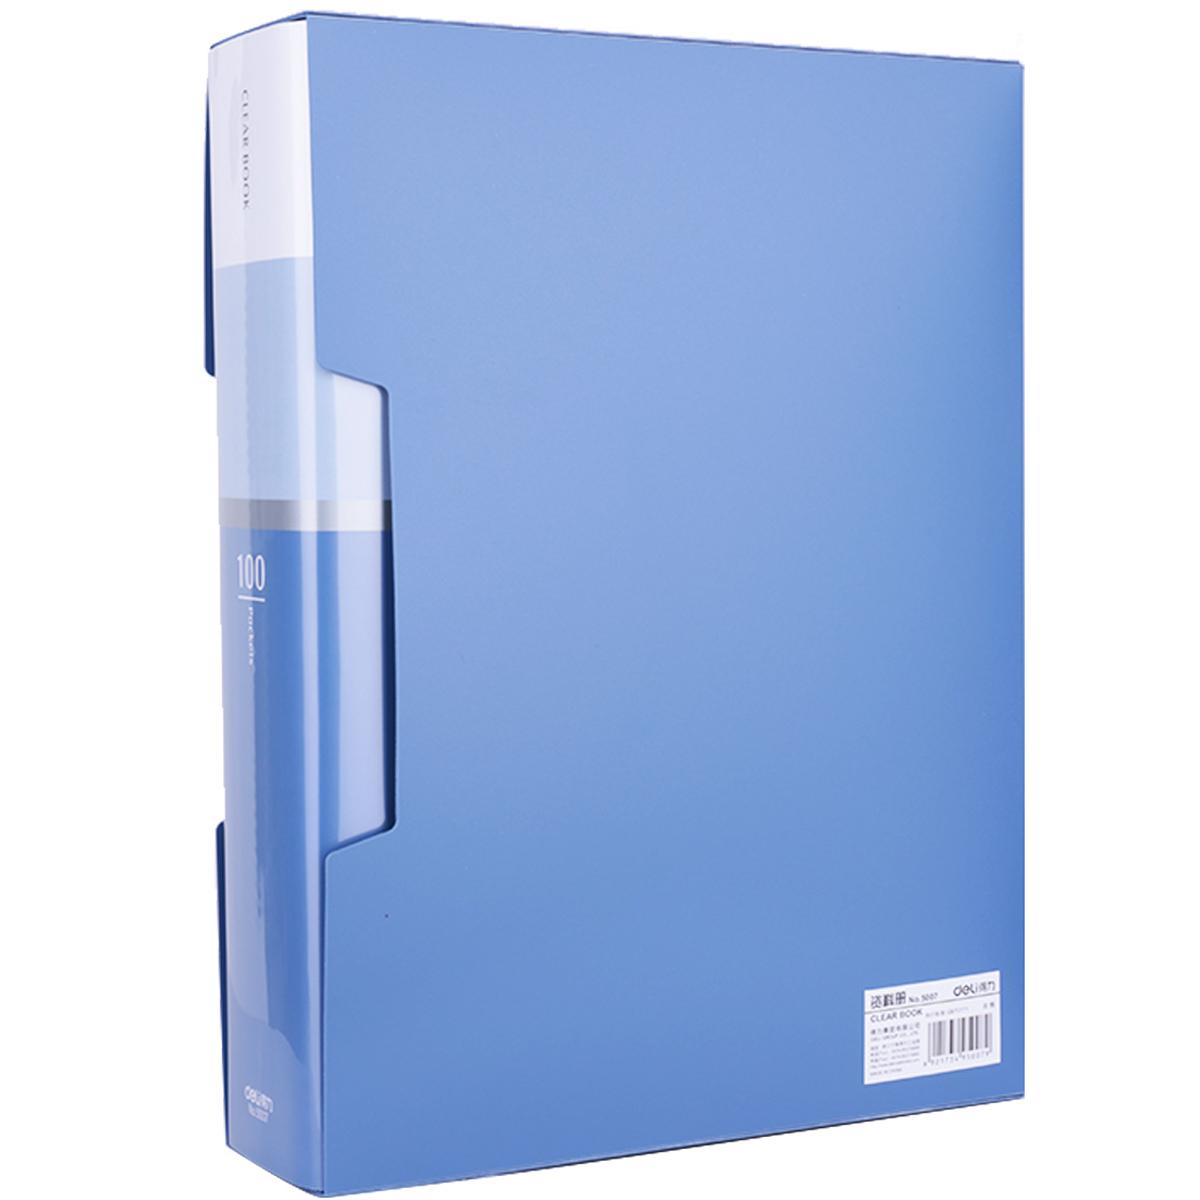 得力 5007 100页资料册 (单位:本) 蓝